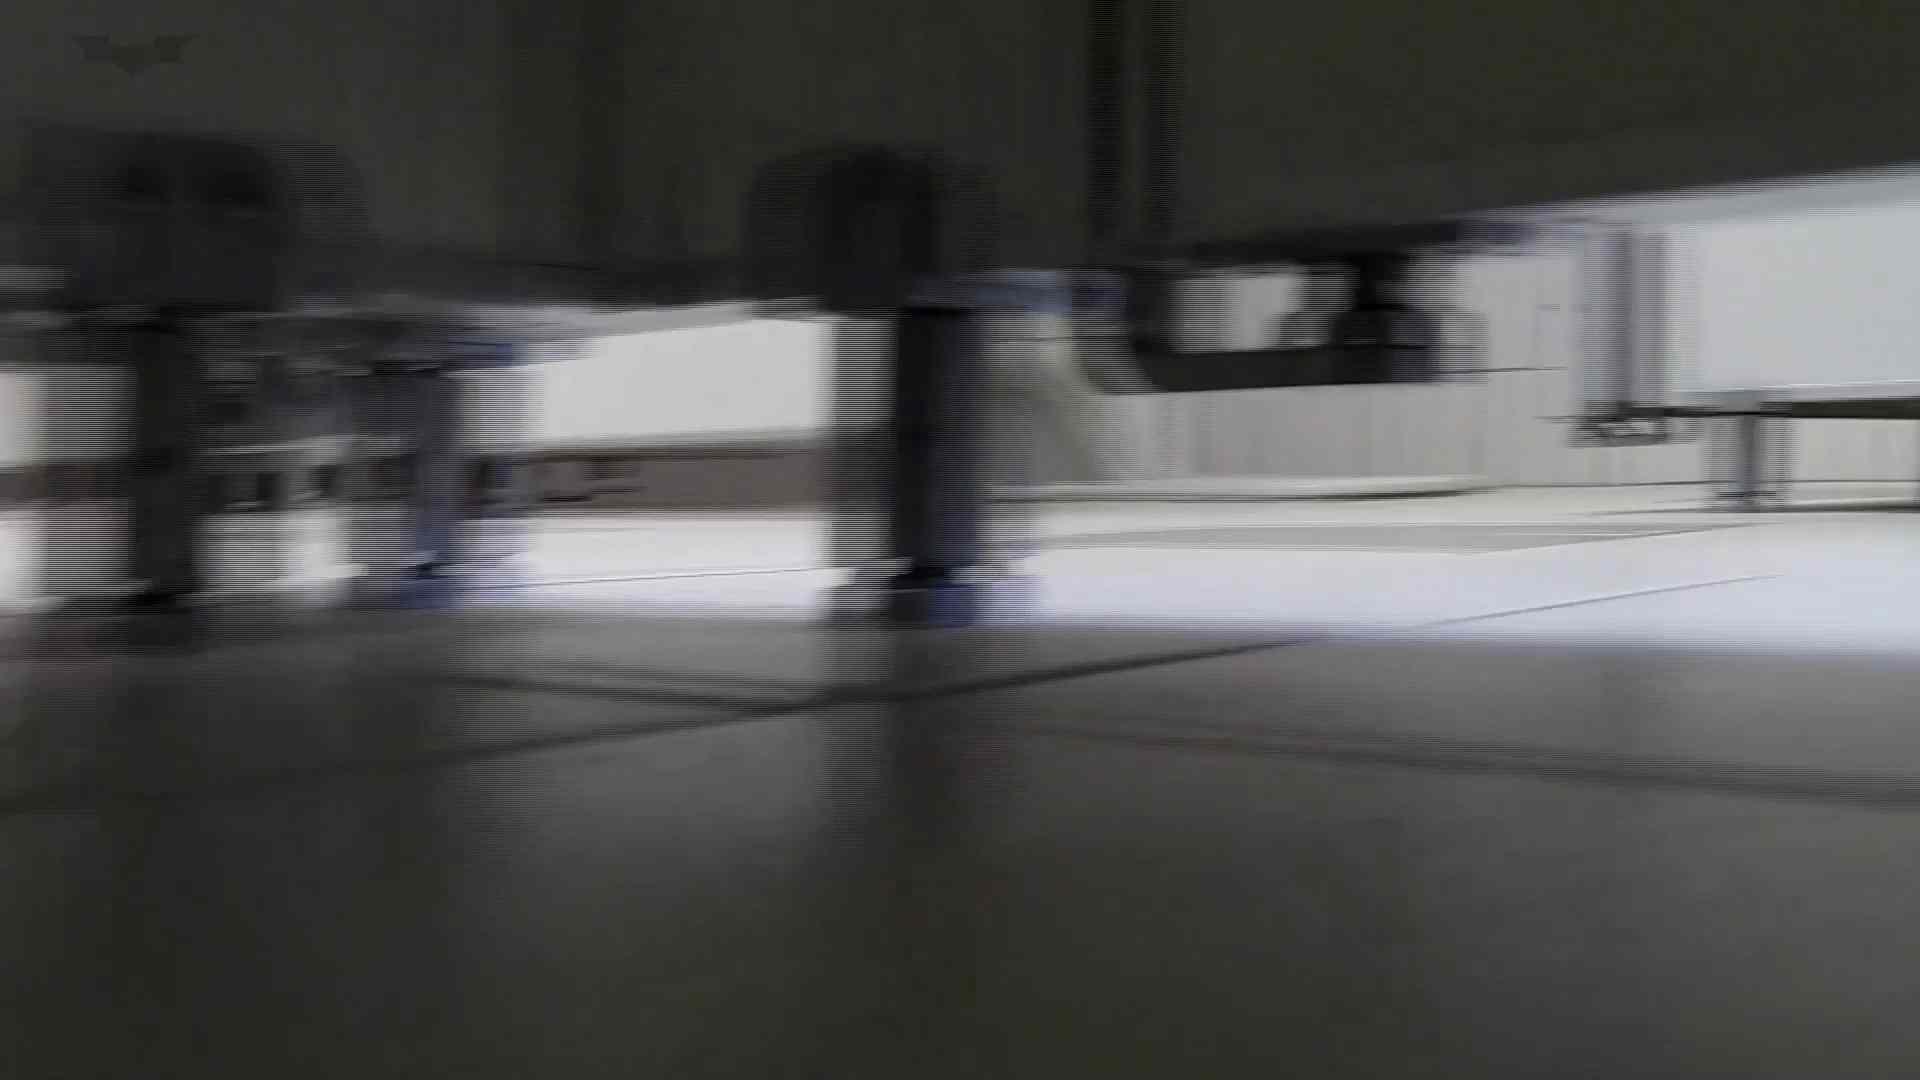 美しい日本の未来 No.29 豹柄サンダルは便秘気味??? おまんこ  109pic 6